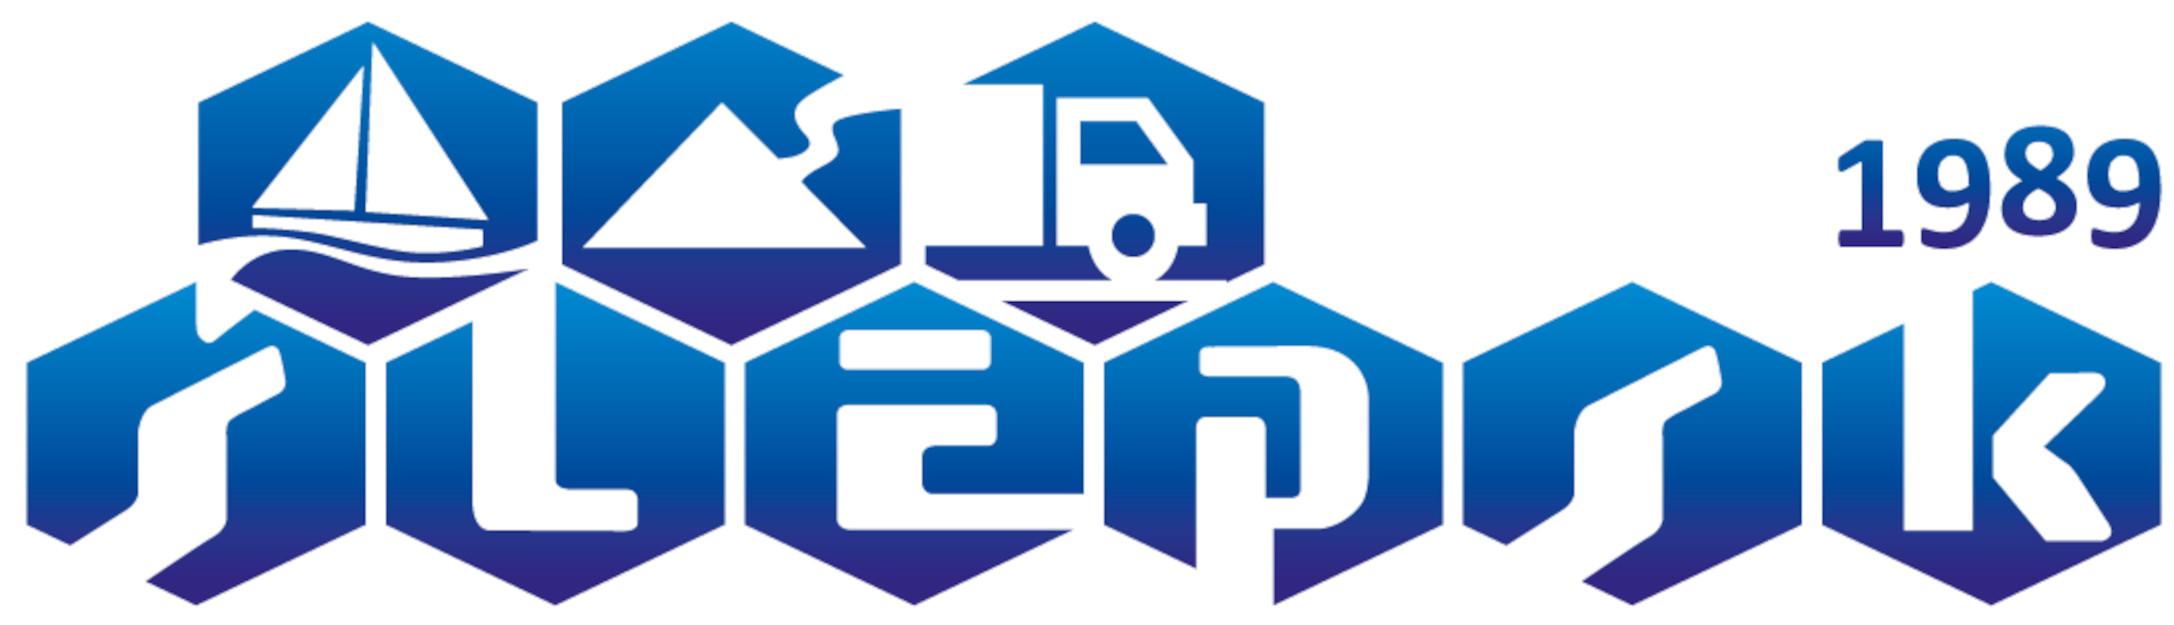 logo Ślepsk